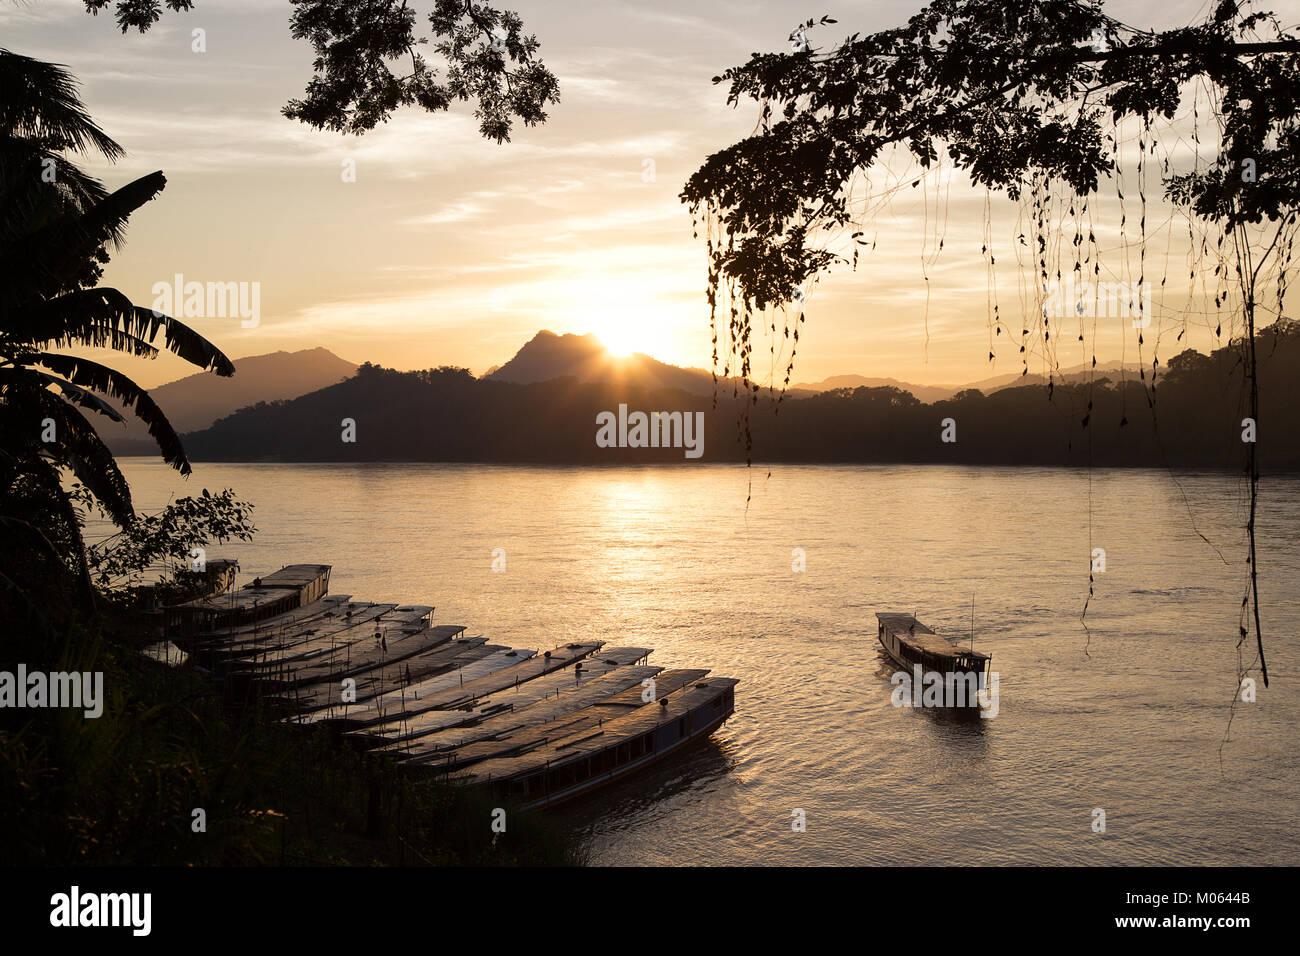 Sunset at Mekong River in World Heritage Town Luang Prabang, Laos - Stock Image